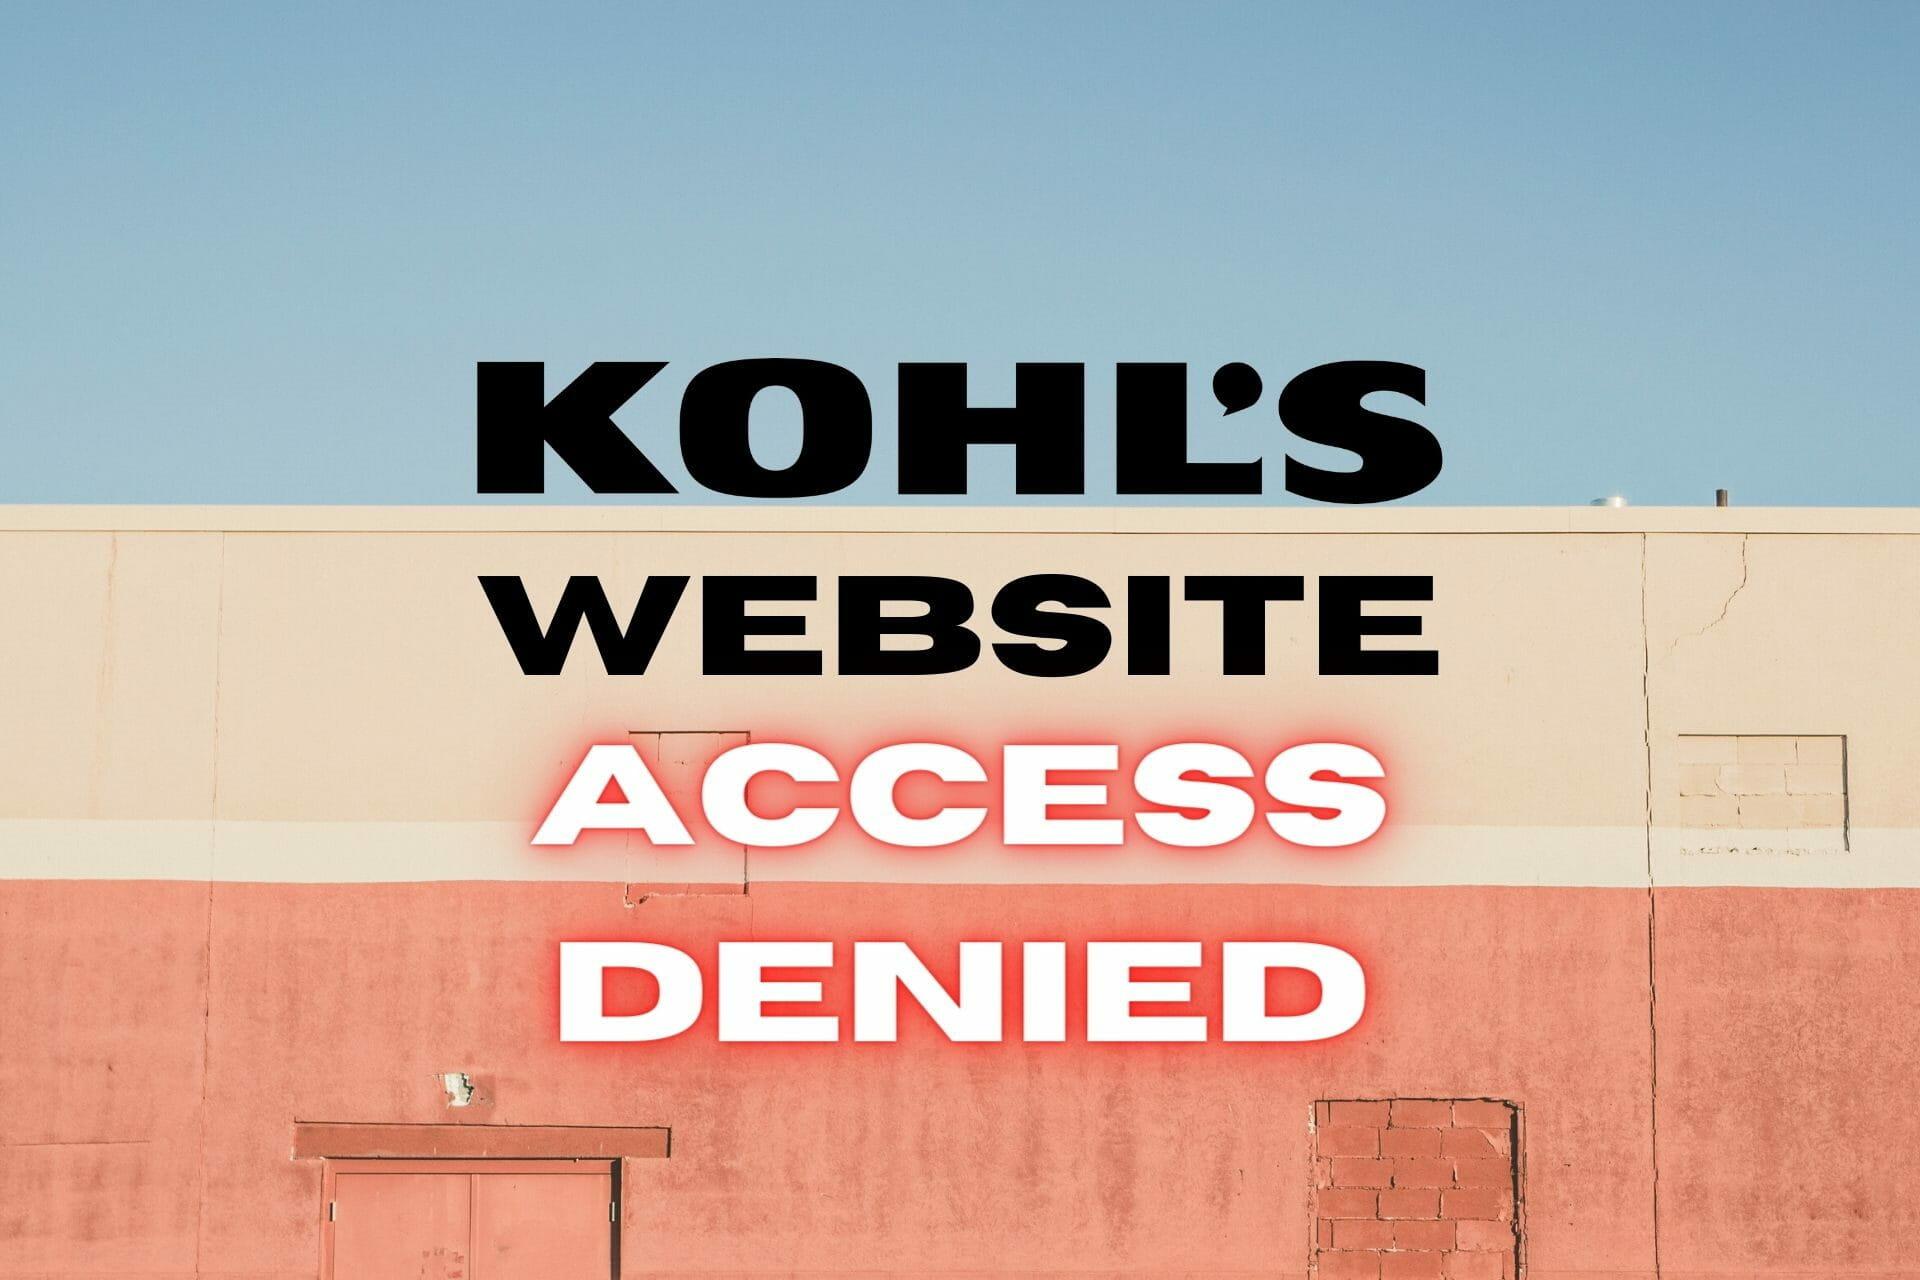 Accès au site Web de Kohl refusé